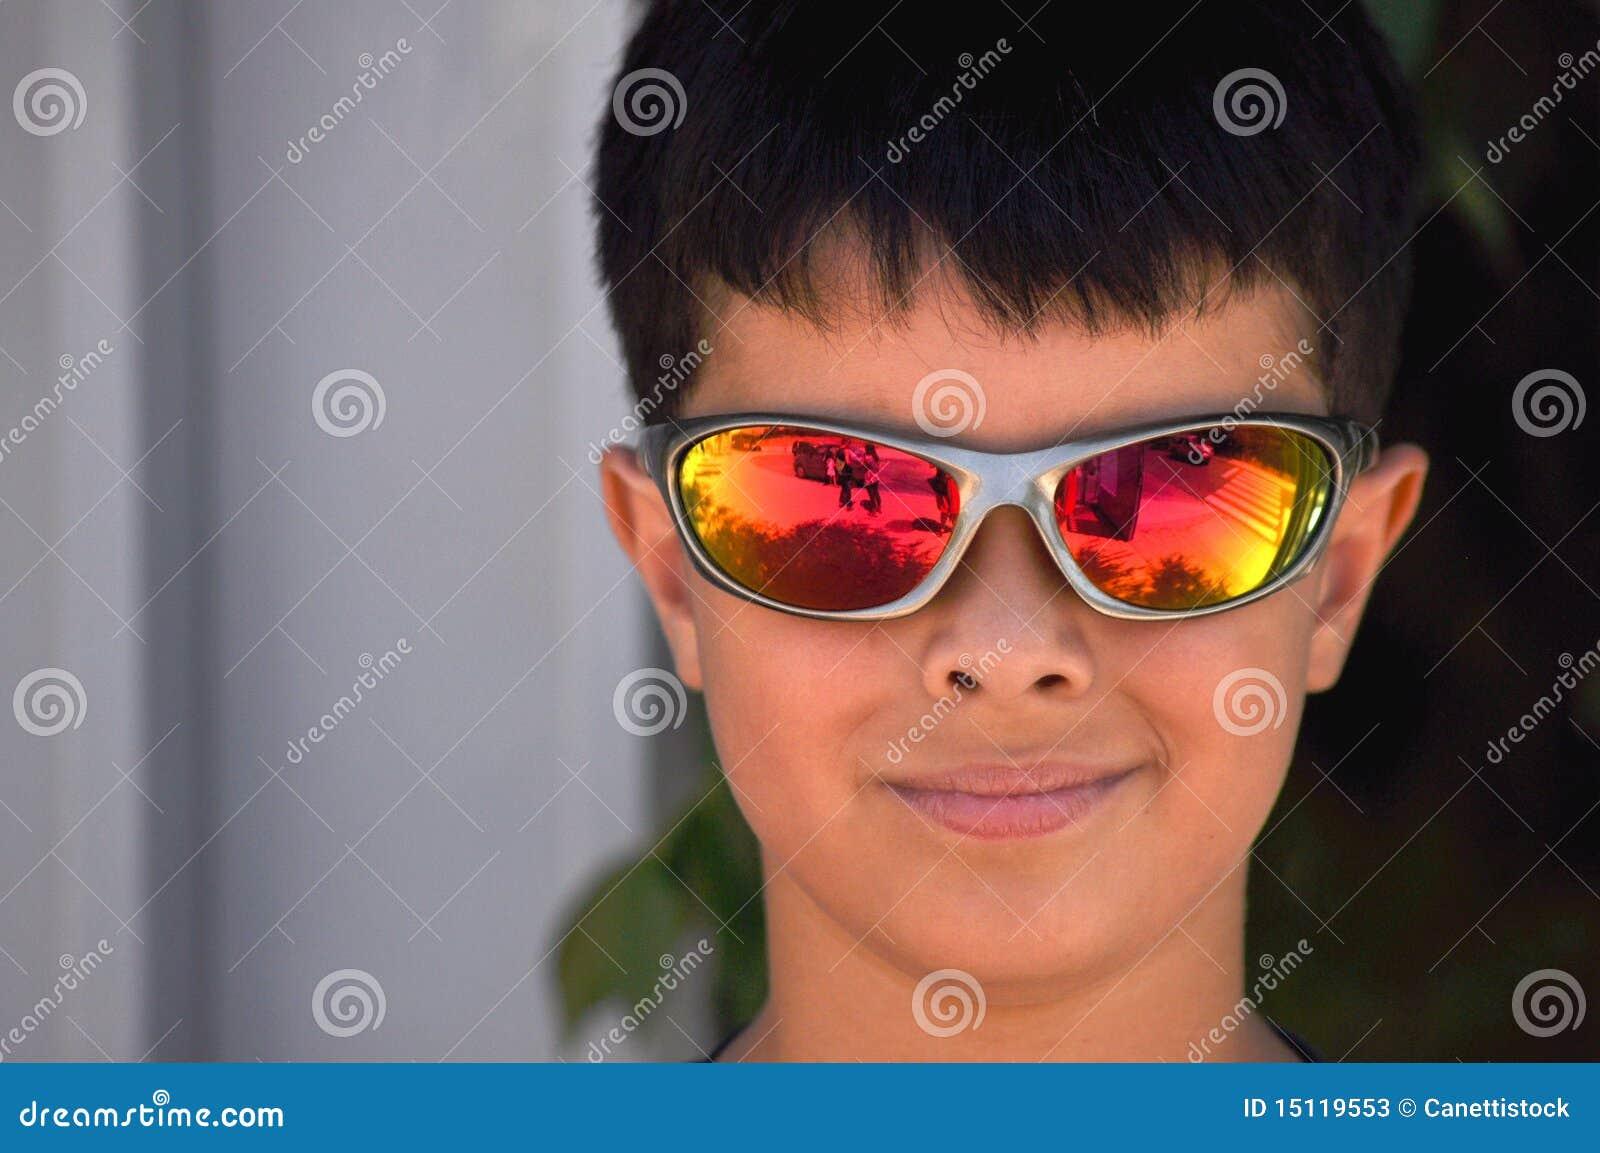 828864f8e Menino com óculos de sol imagem de stock. Imagem de olhar - 15119553